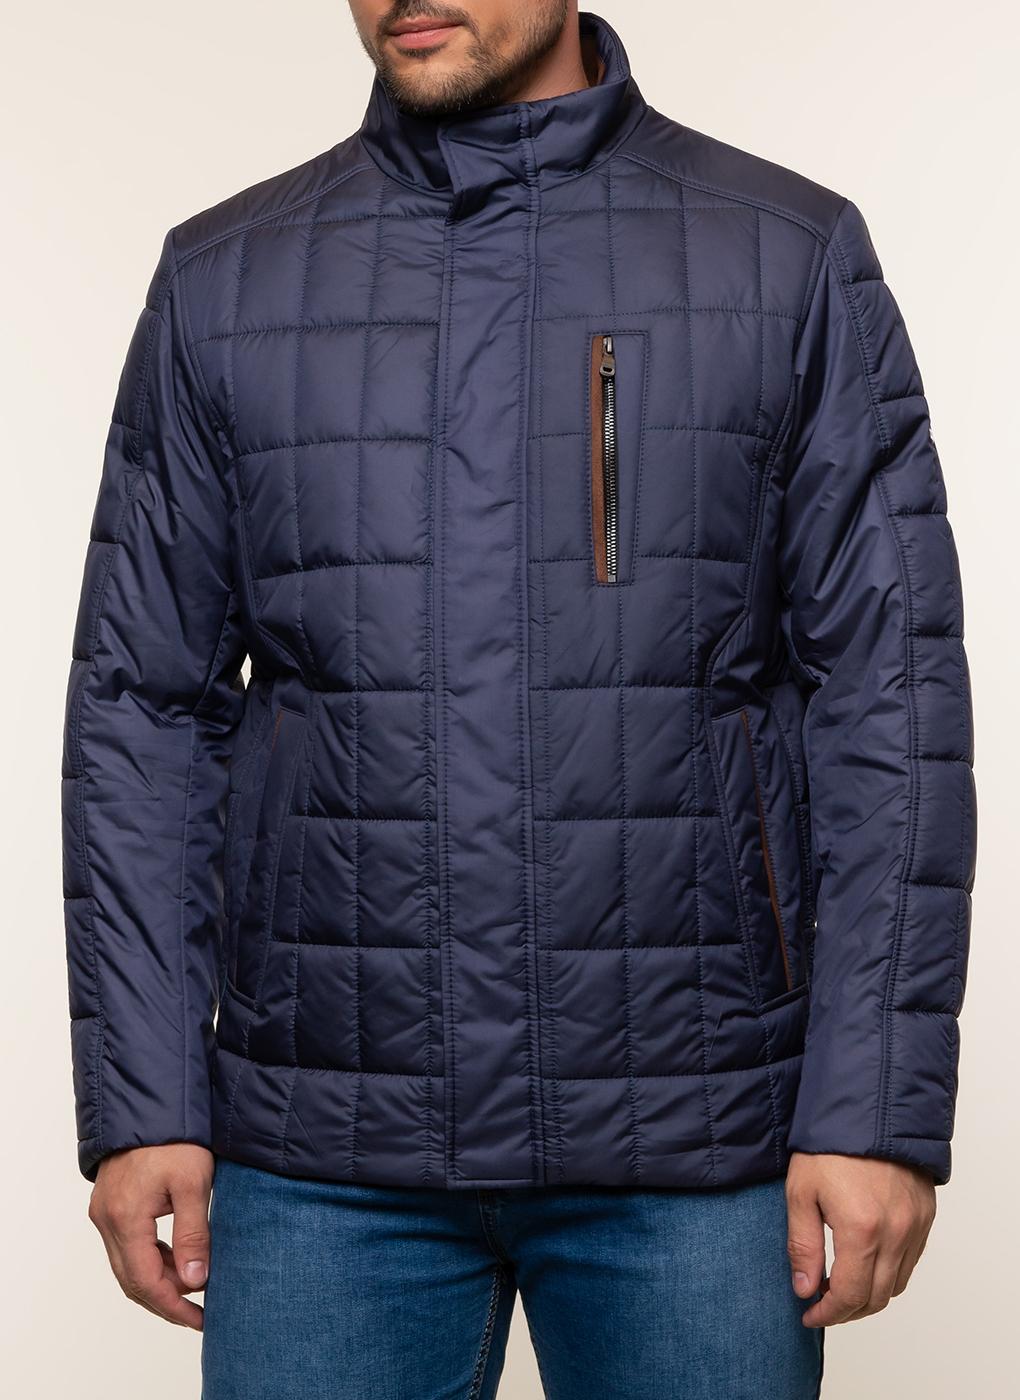 Куртка мужская утепленная 02, DOTMUND фото